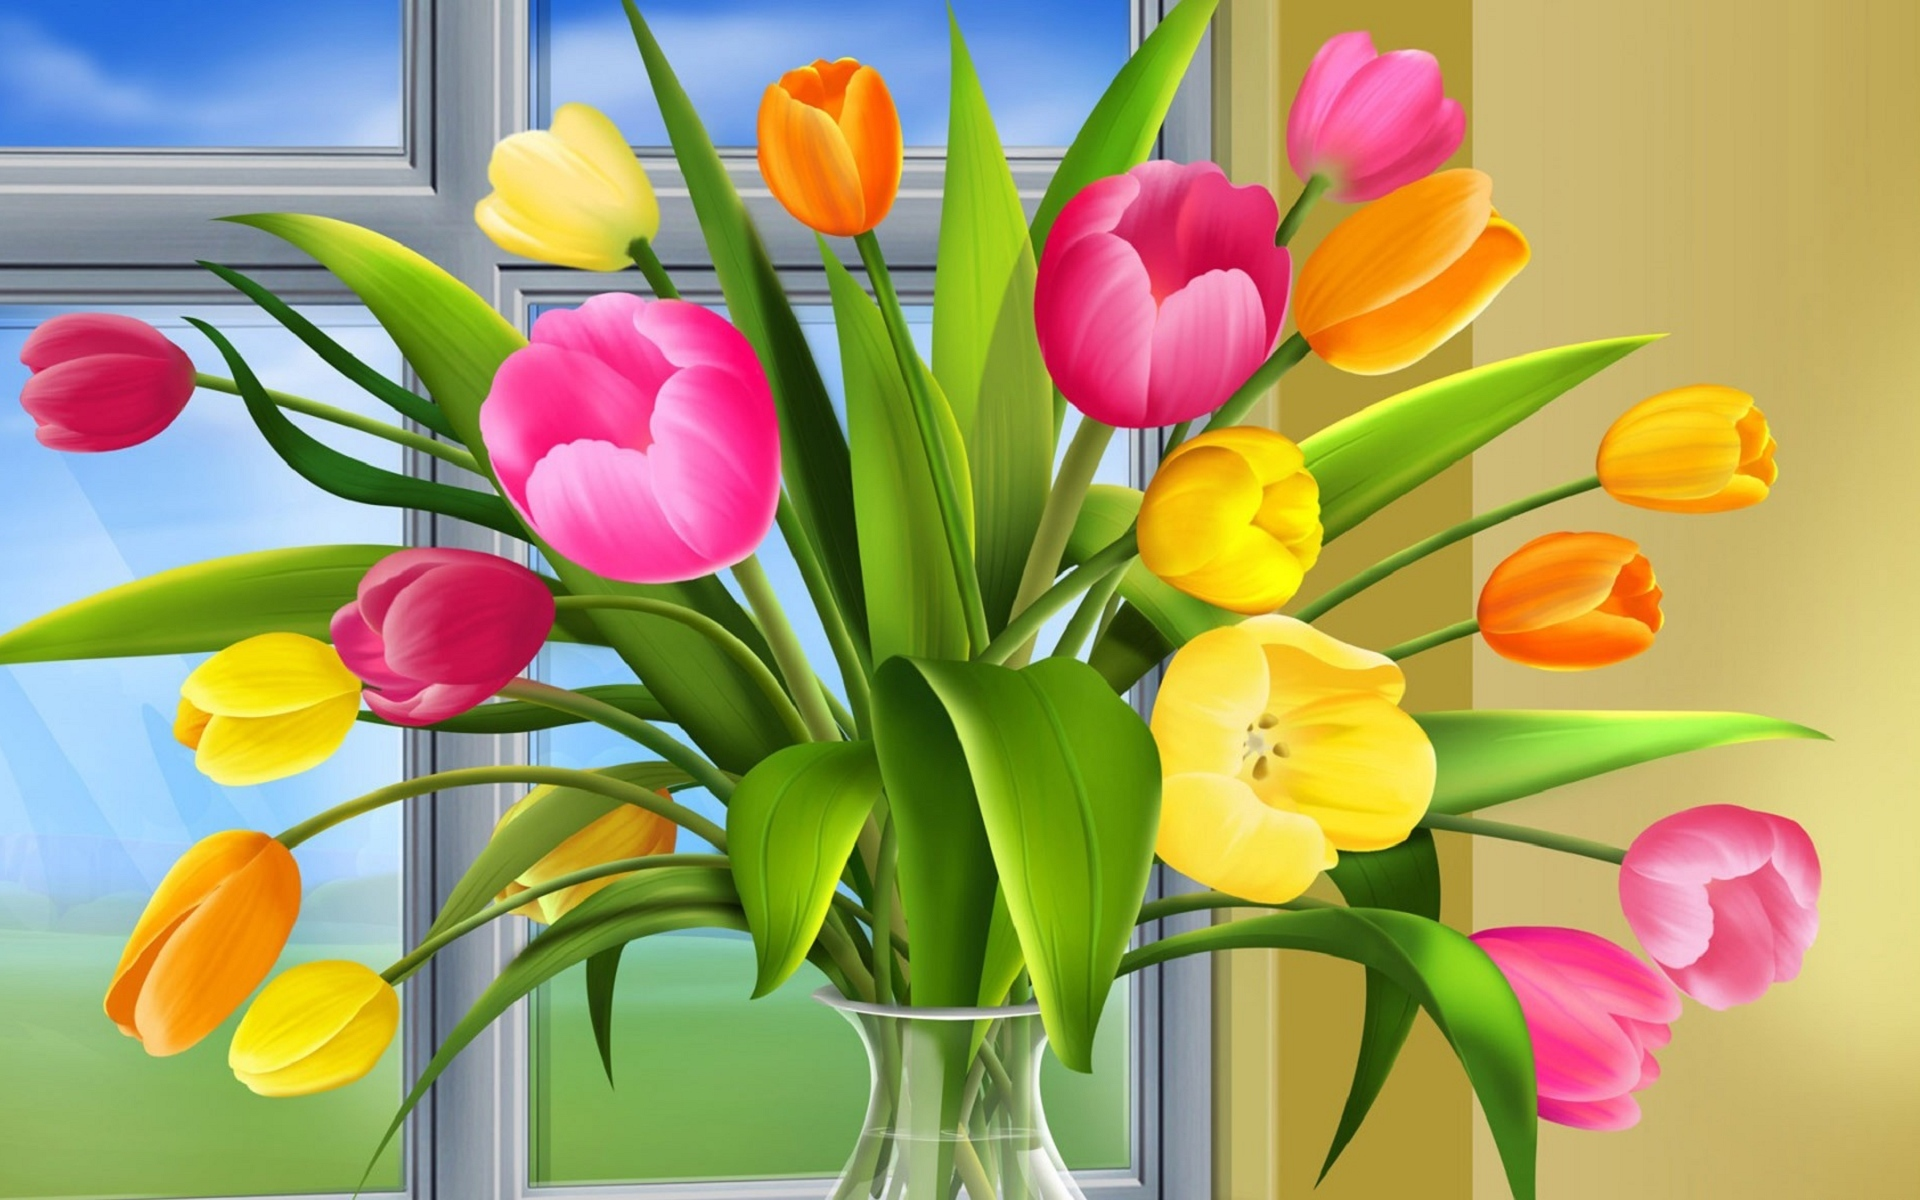 7789 Hintergrundbild herunterladen Blumen, Bilder, Pflanzen - Bildschirmschoner und Bilder kostenlos